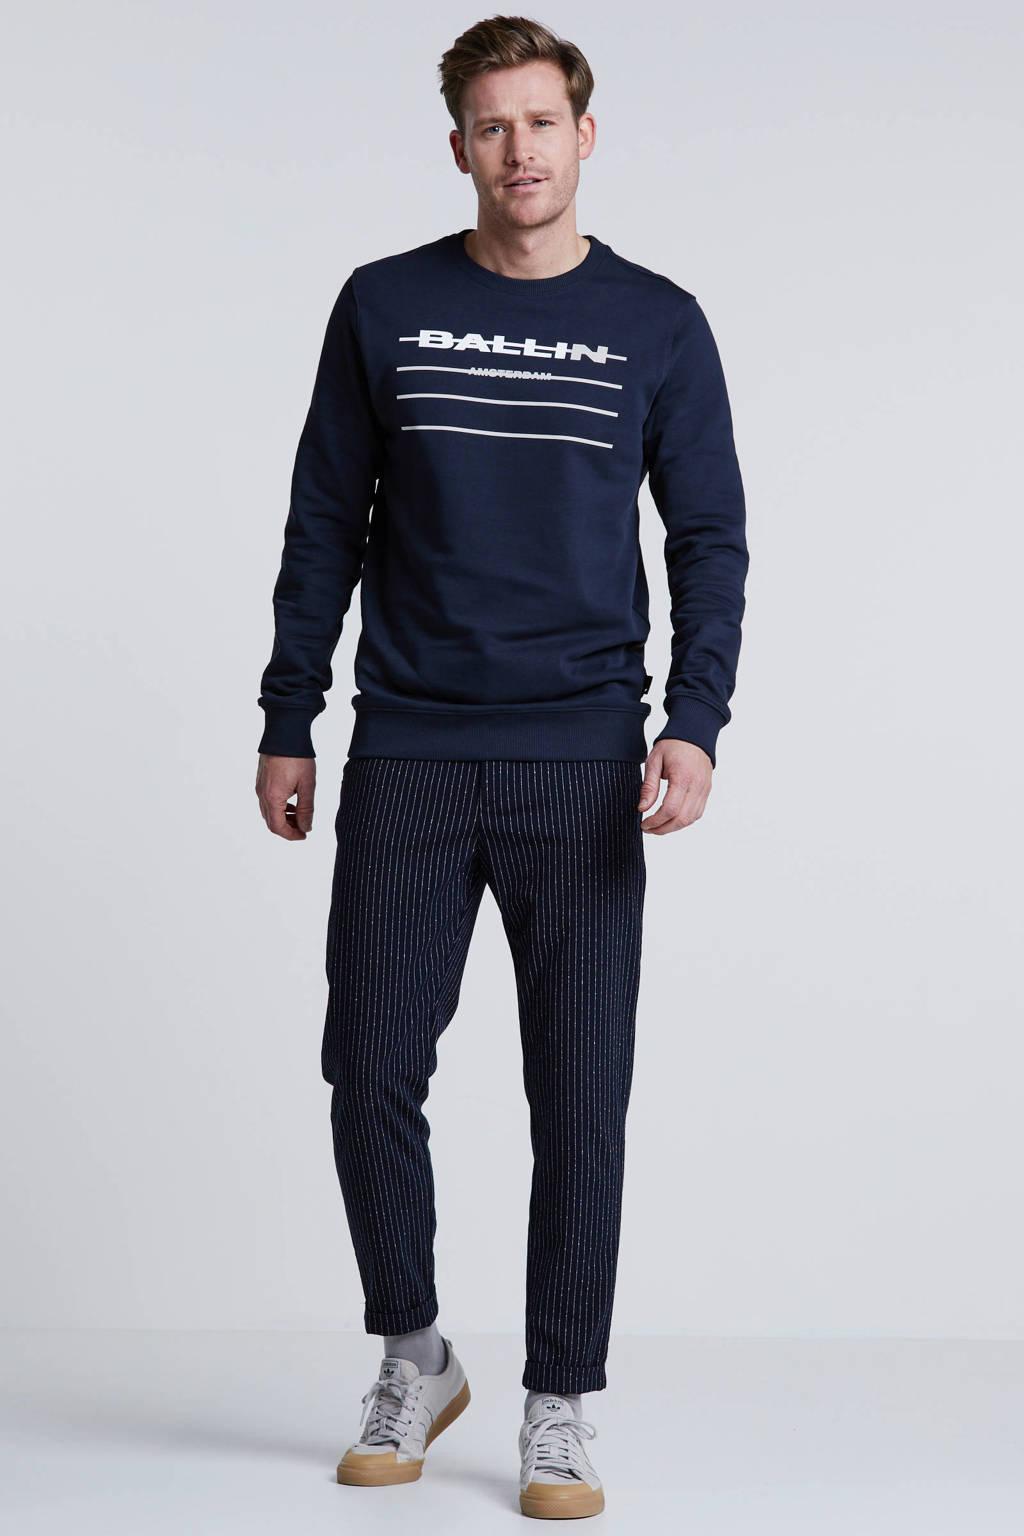 Ballin by Purewhite sweater met printopdruk donkerblauw, Donkerblauw